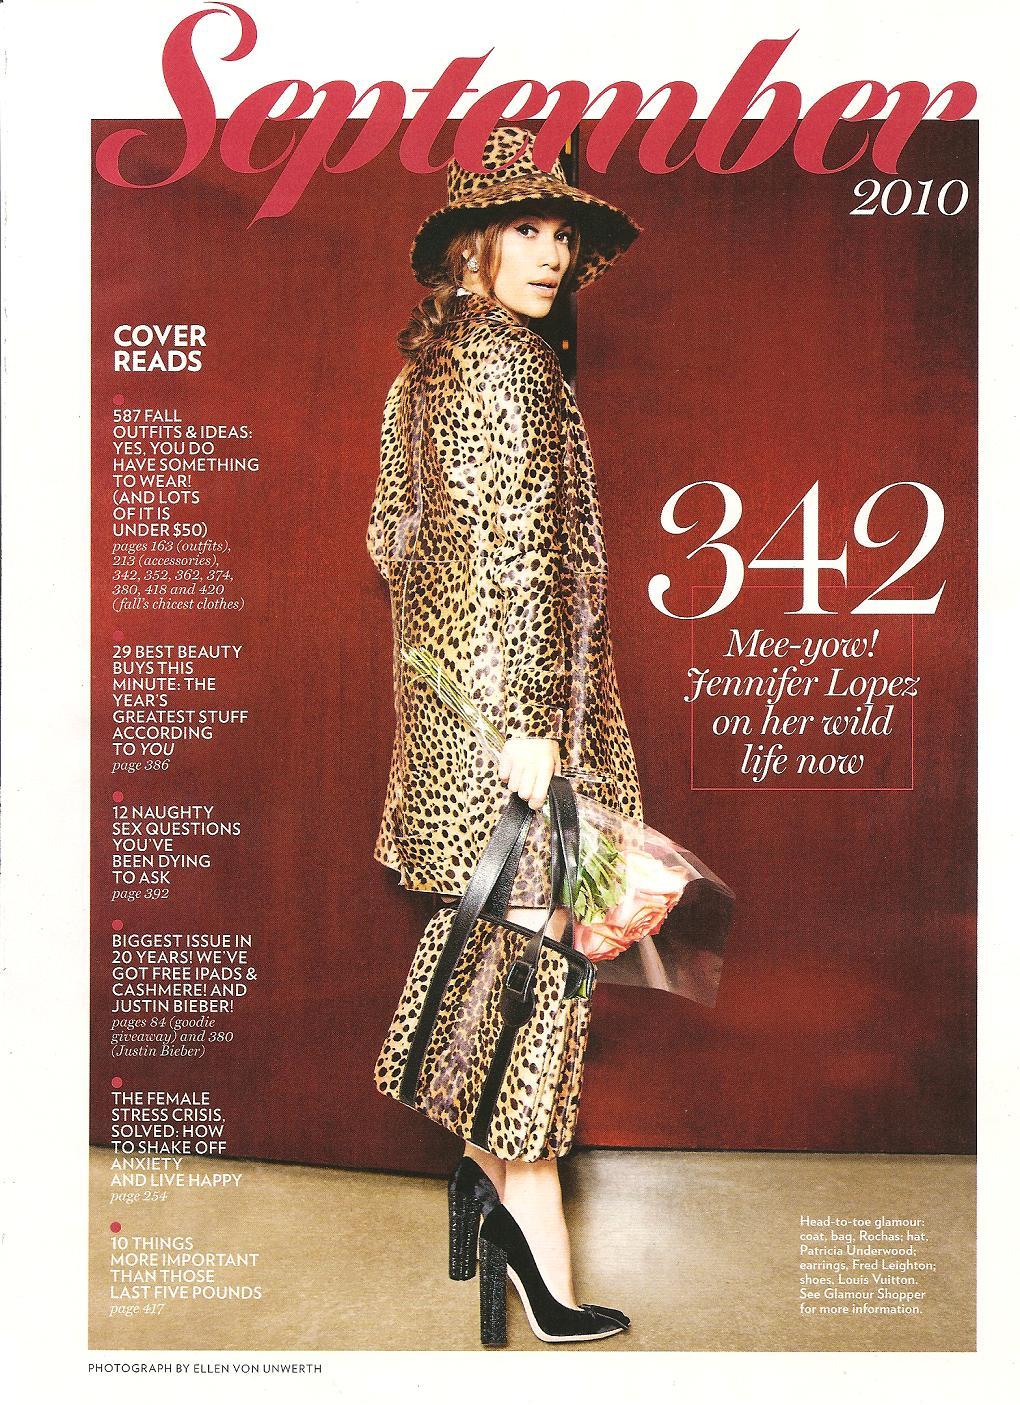 42221_Jennifer_Lopez_Glamour_Magazine_1_122_420lo.jpg